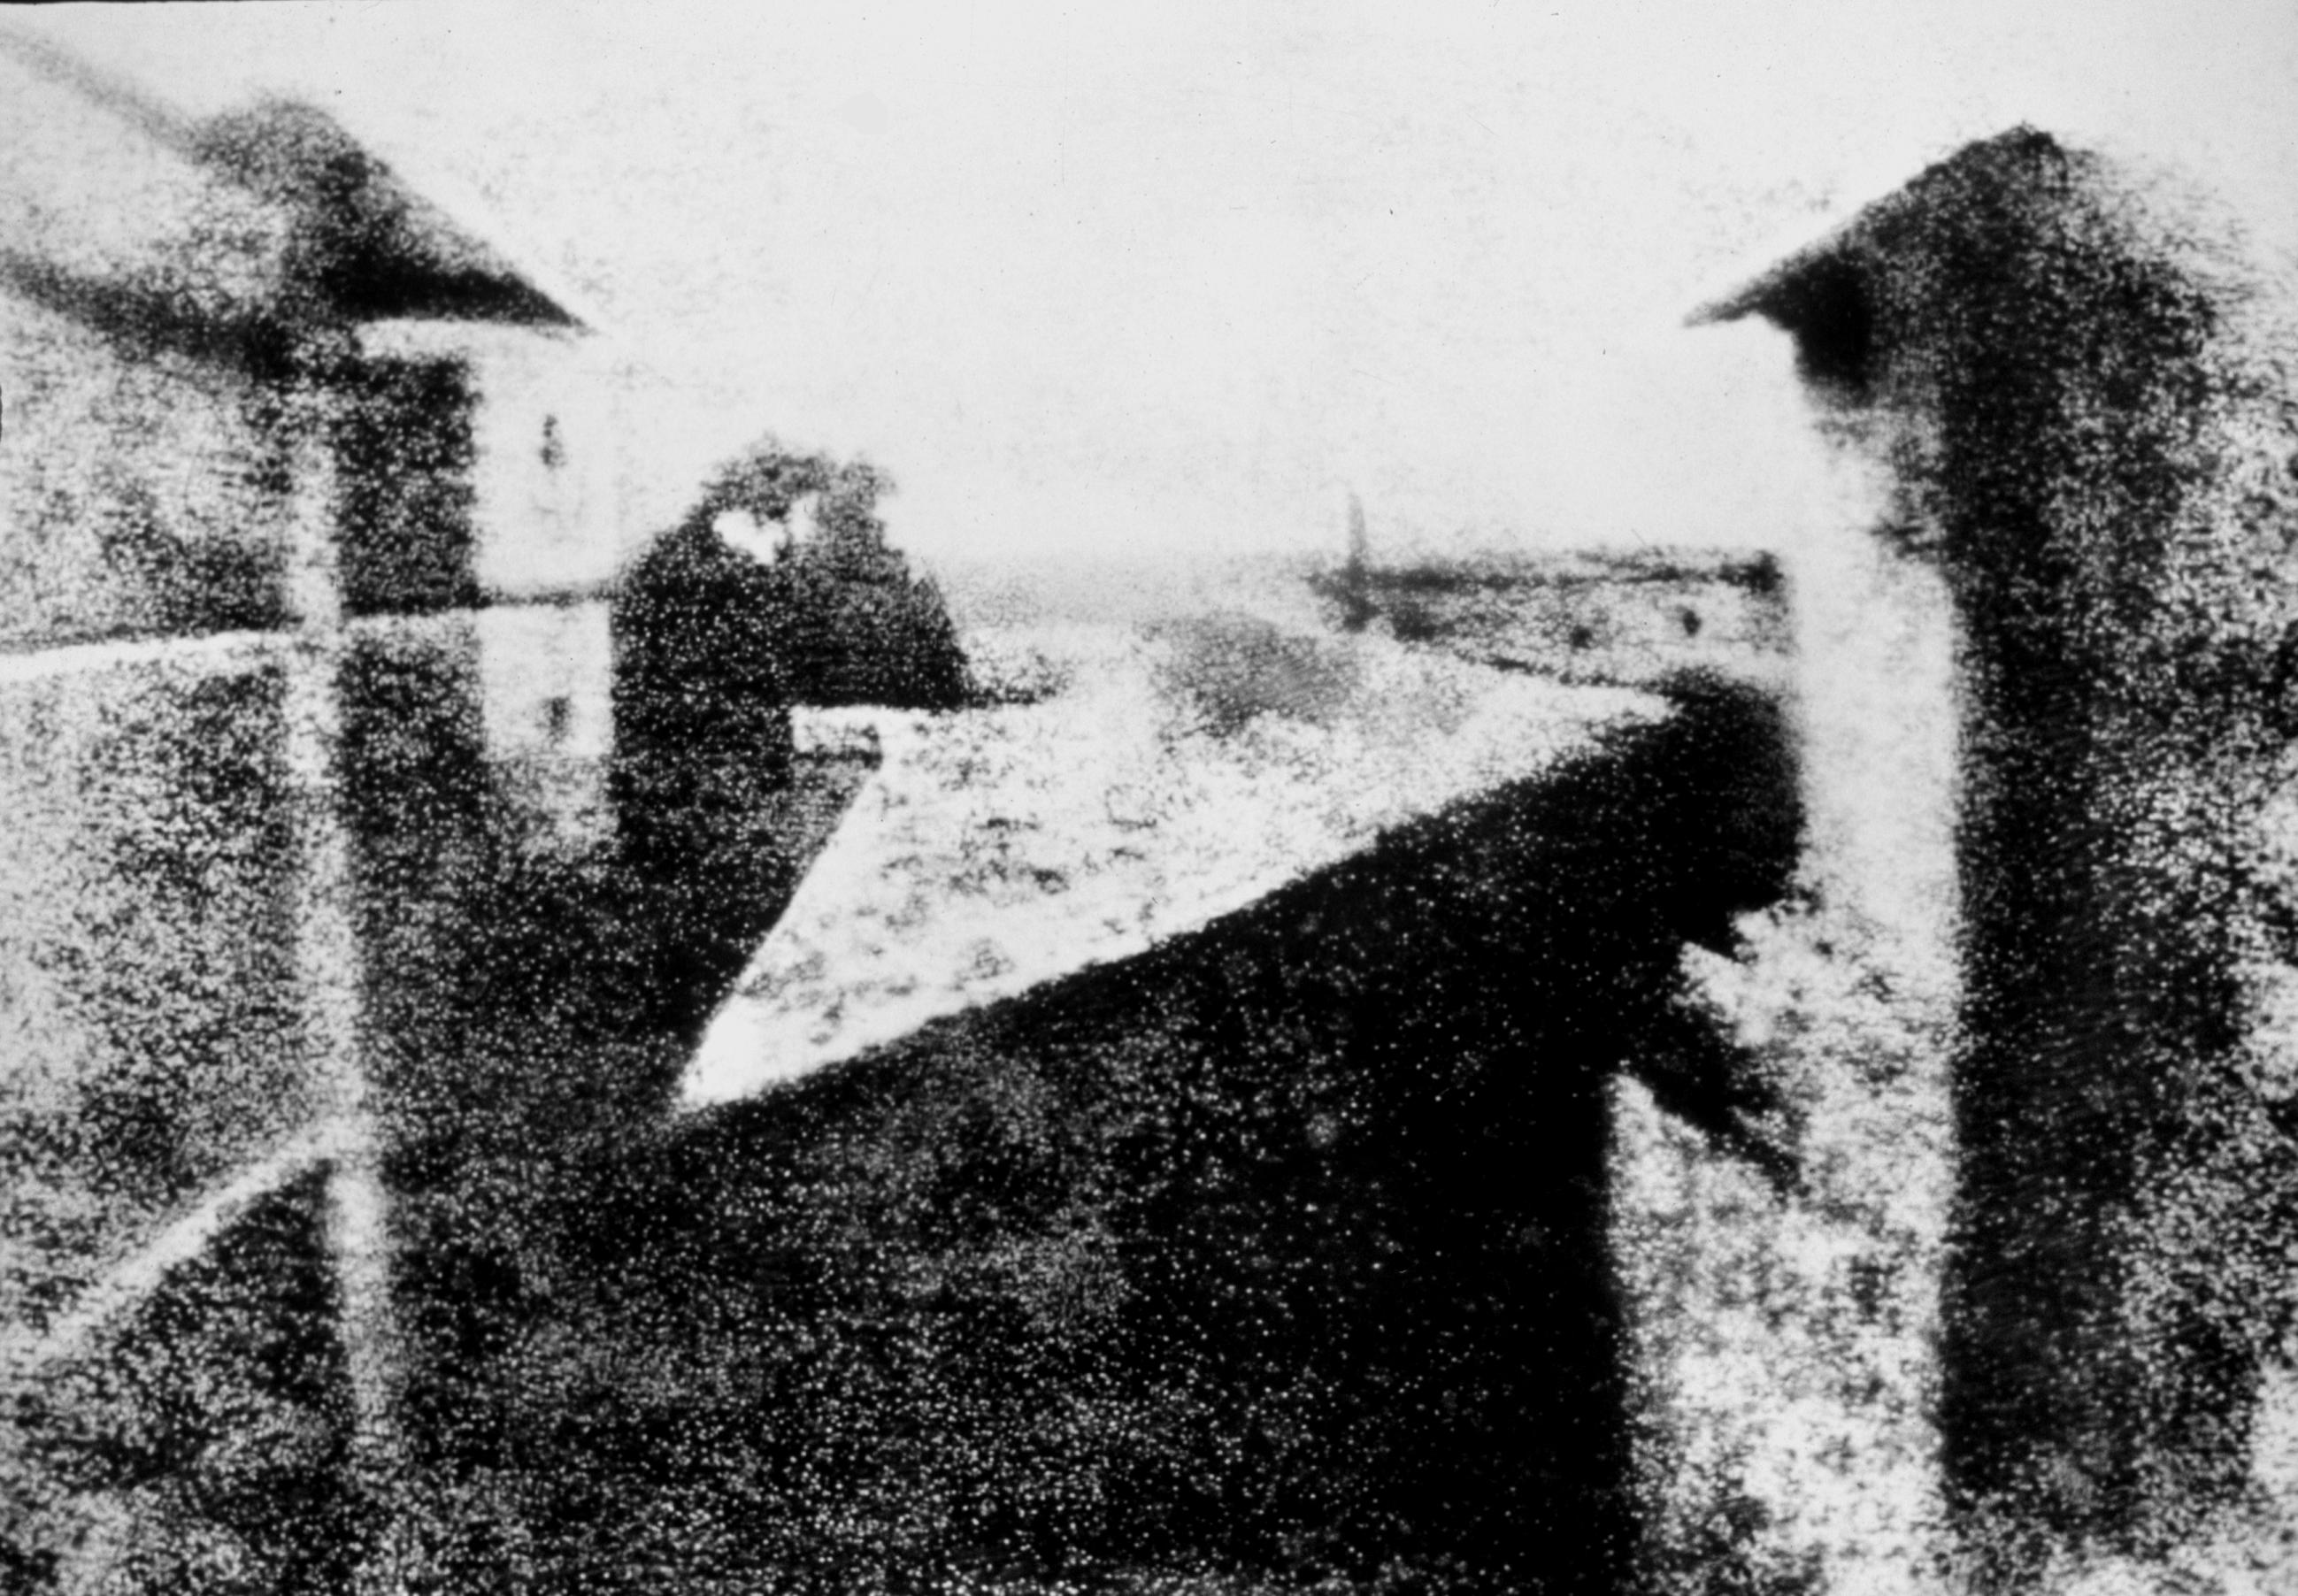 Point de vue du Gras, le premier résultat d'une expérience de Joseph Nicéphore Niépce